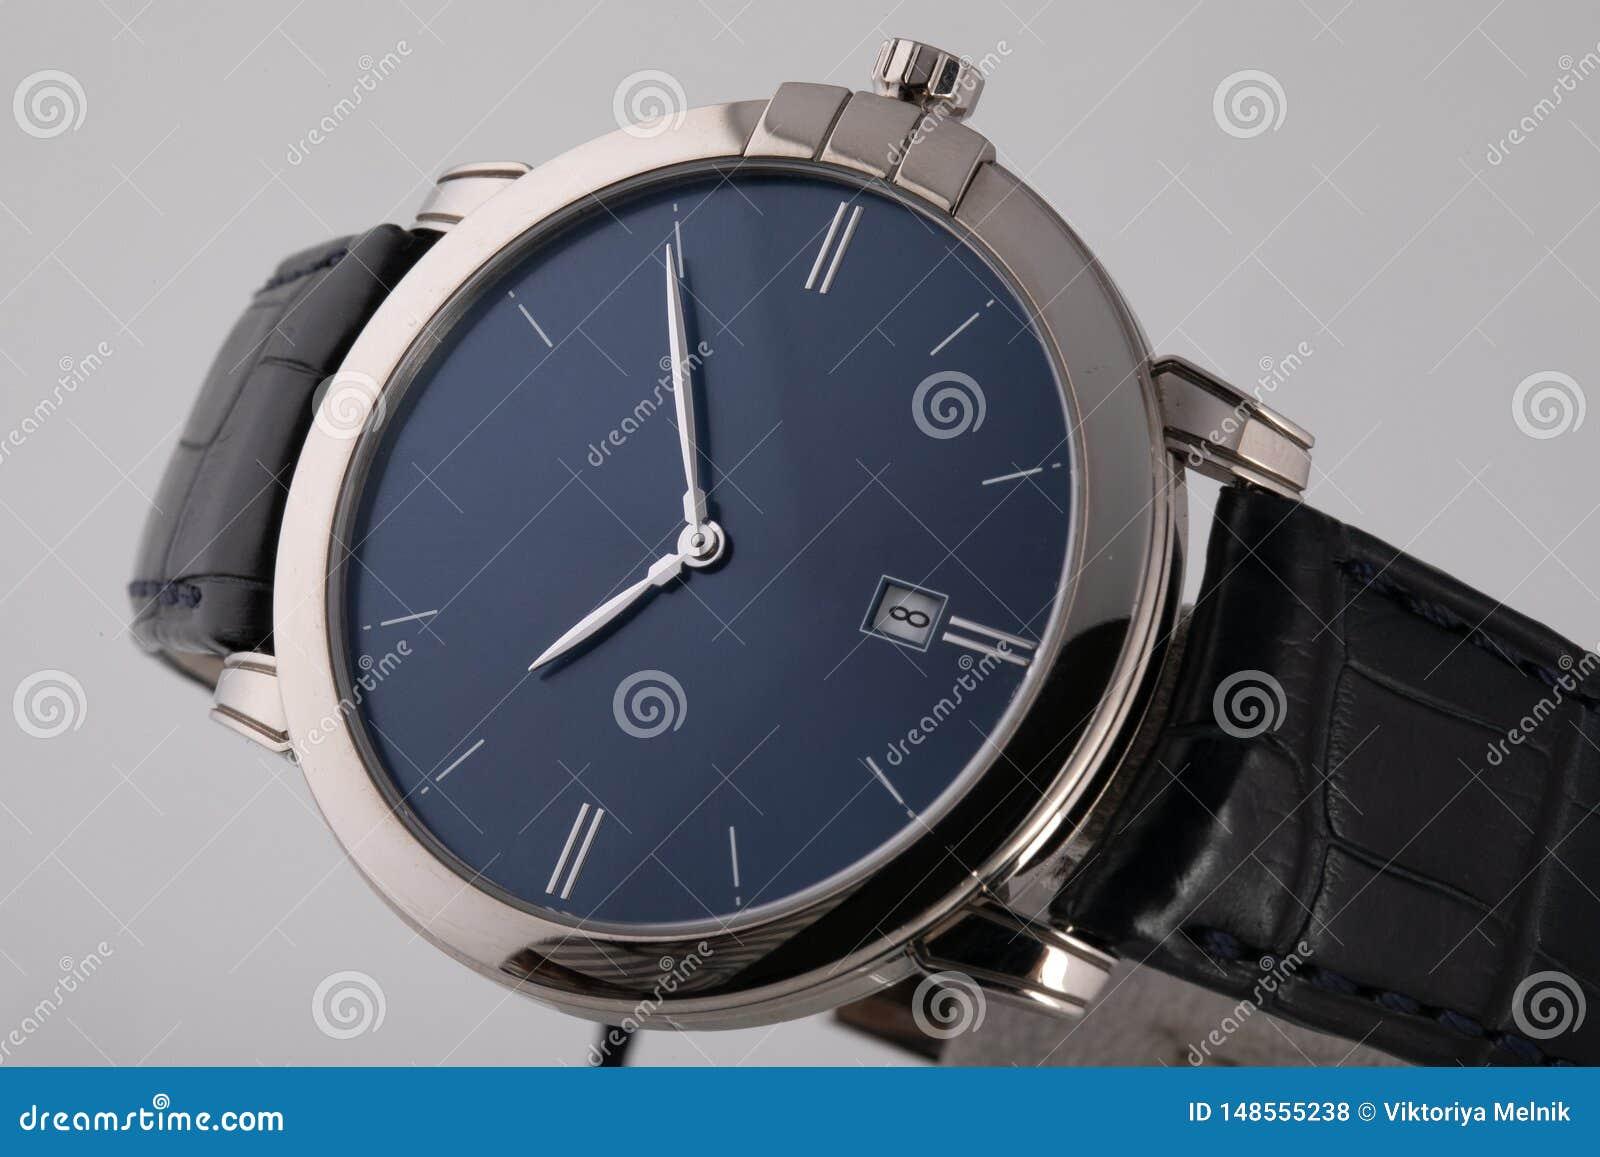 Ασημένιο wristwatch με τον μπλε πίνακα, ασήμι δεξιόστροφα, chronograph στο μαύρο λουρί δέρματος στο άσπρο υπόβαθρο